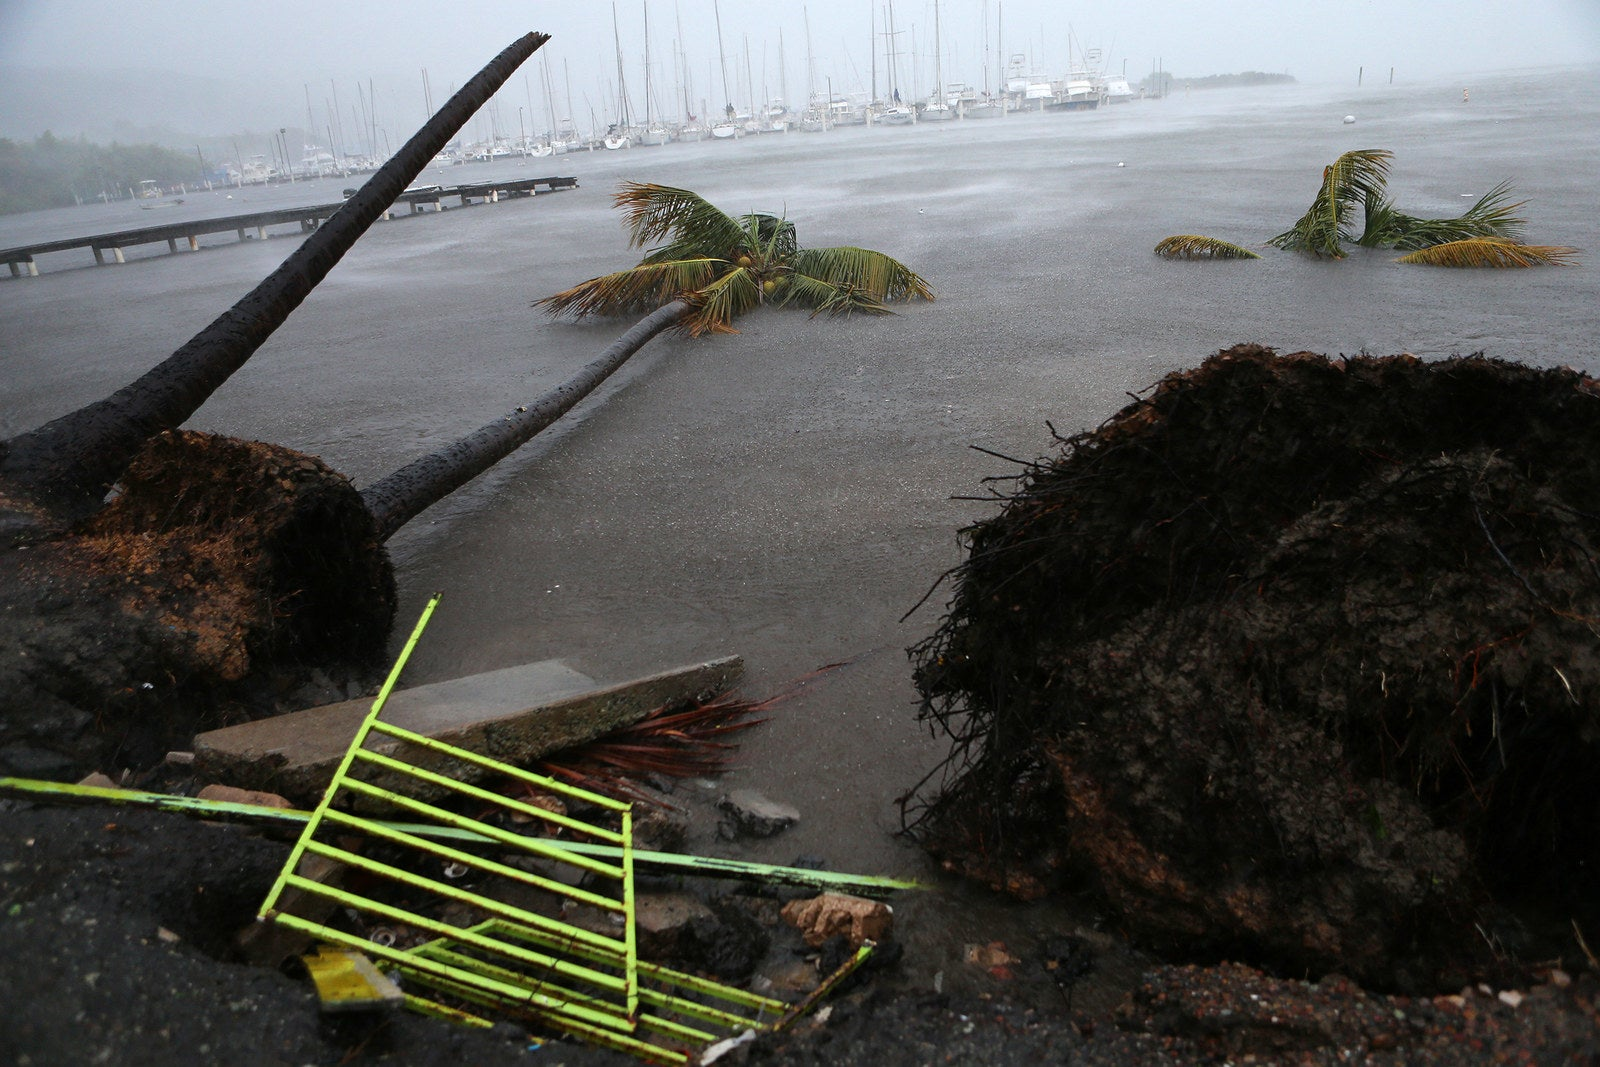 Debris is seen during a storm surge near the Puerto Chico Harbor in Fajardo, Puerto Rico.